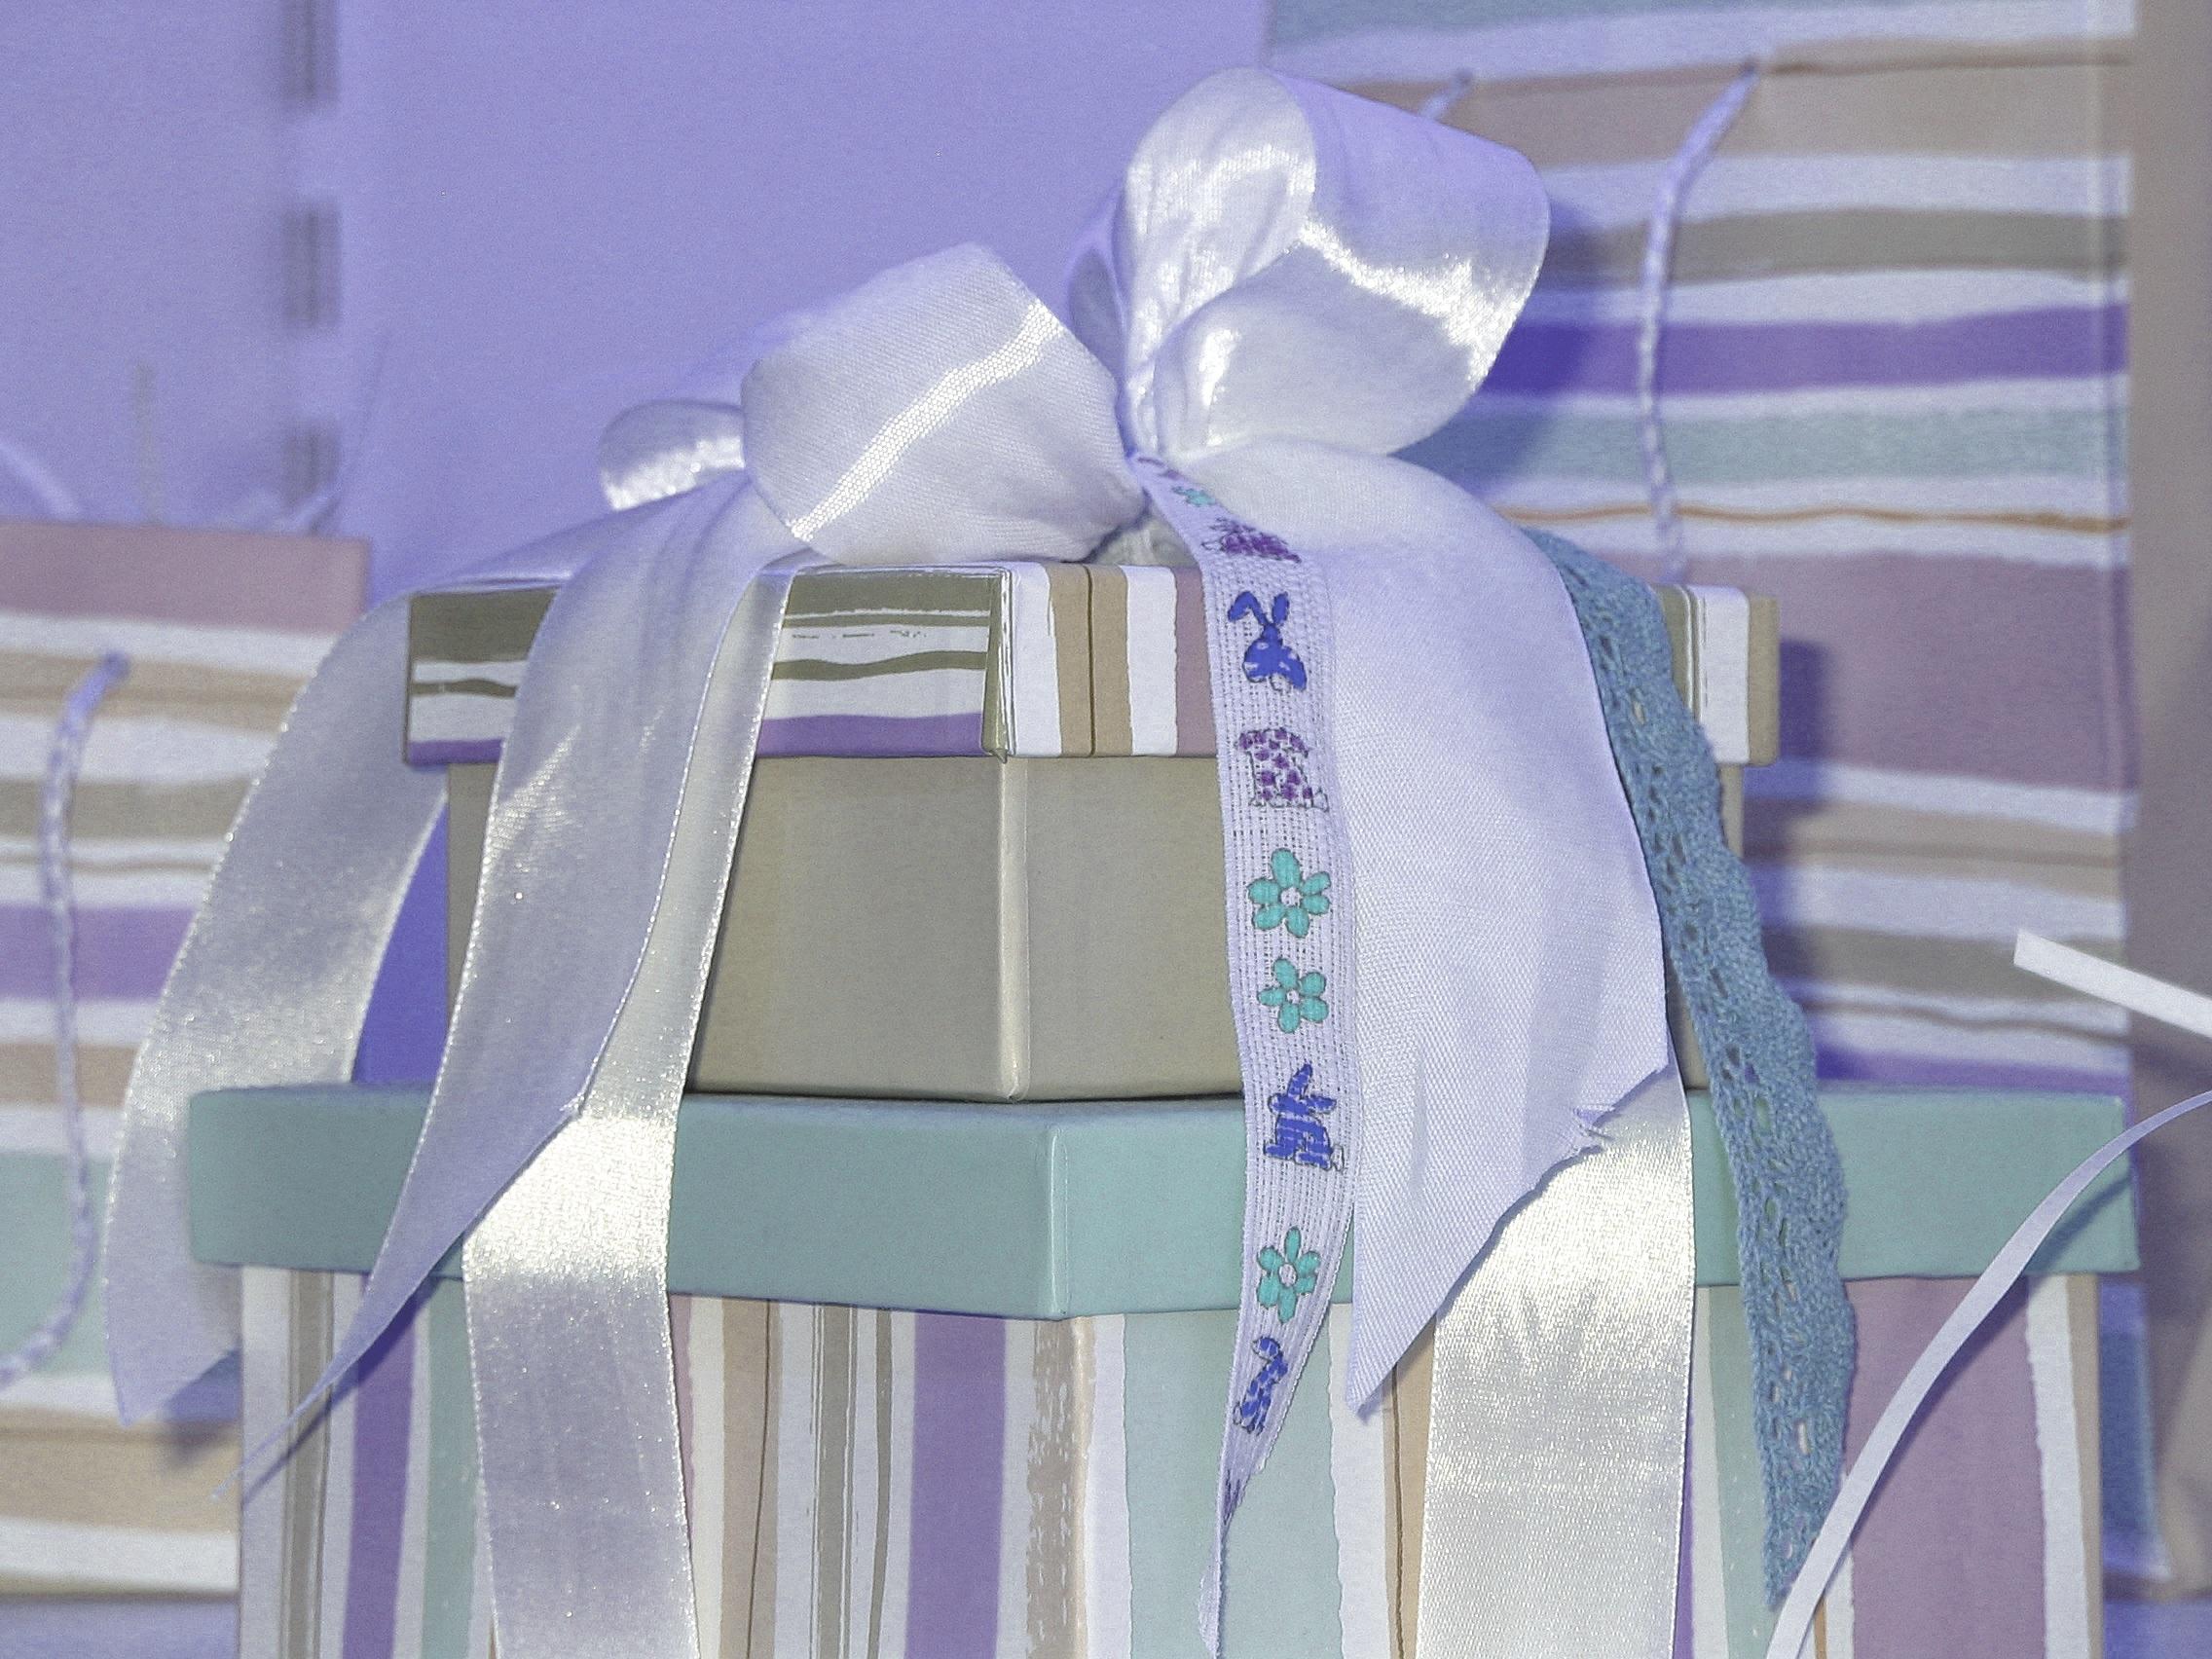 Free Images Flower Celebration Gift Decoration Color Blue